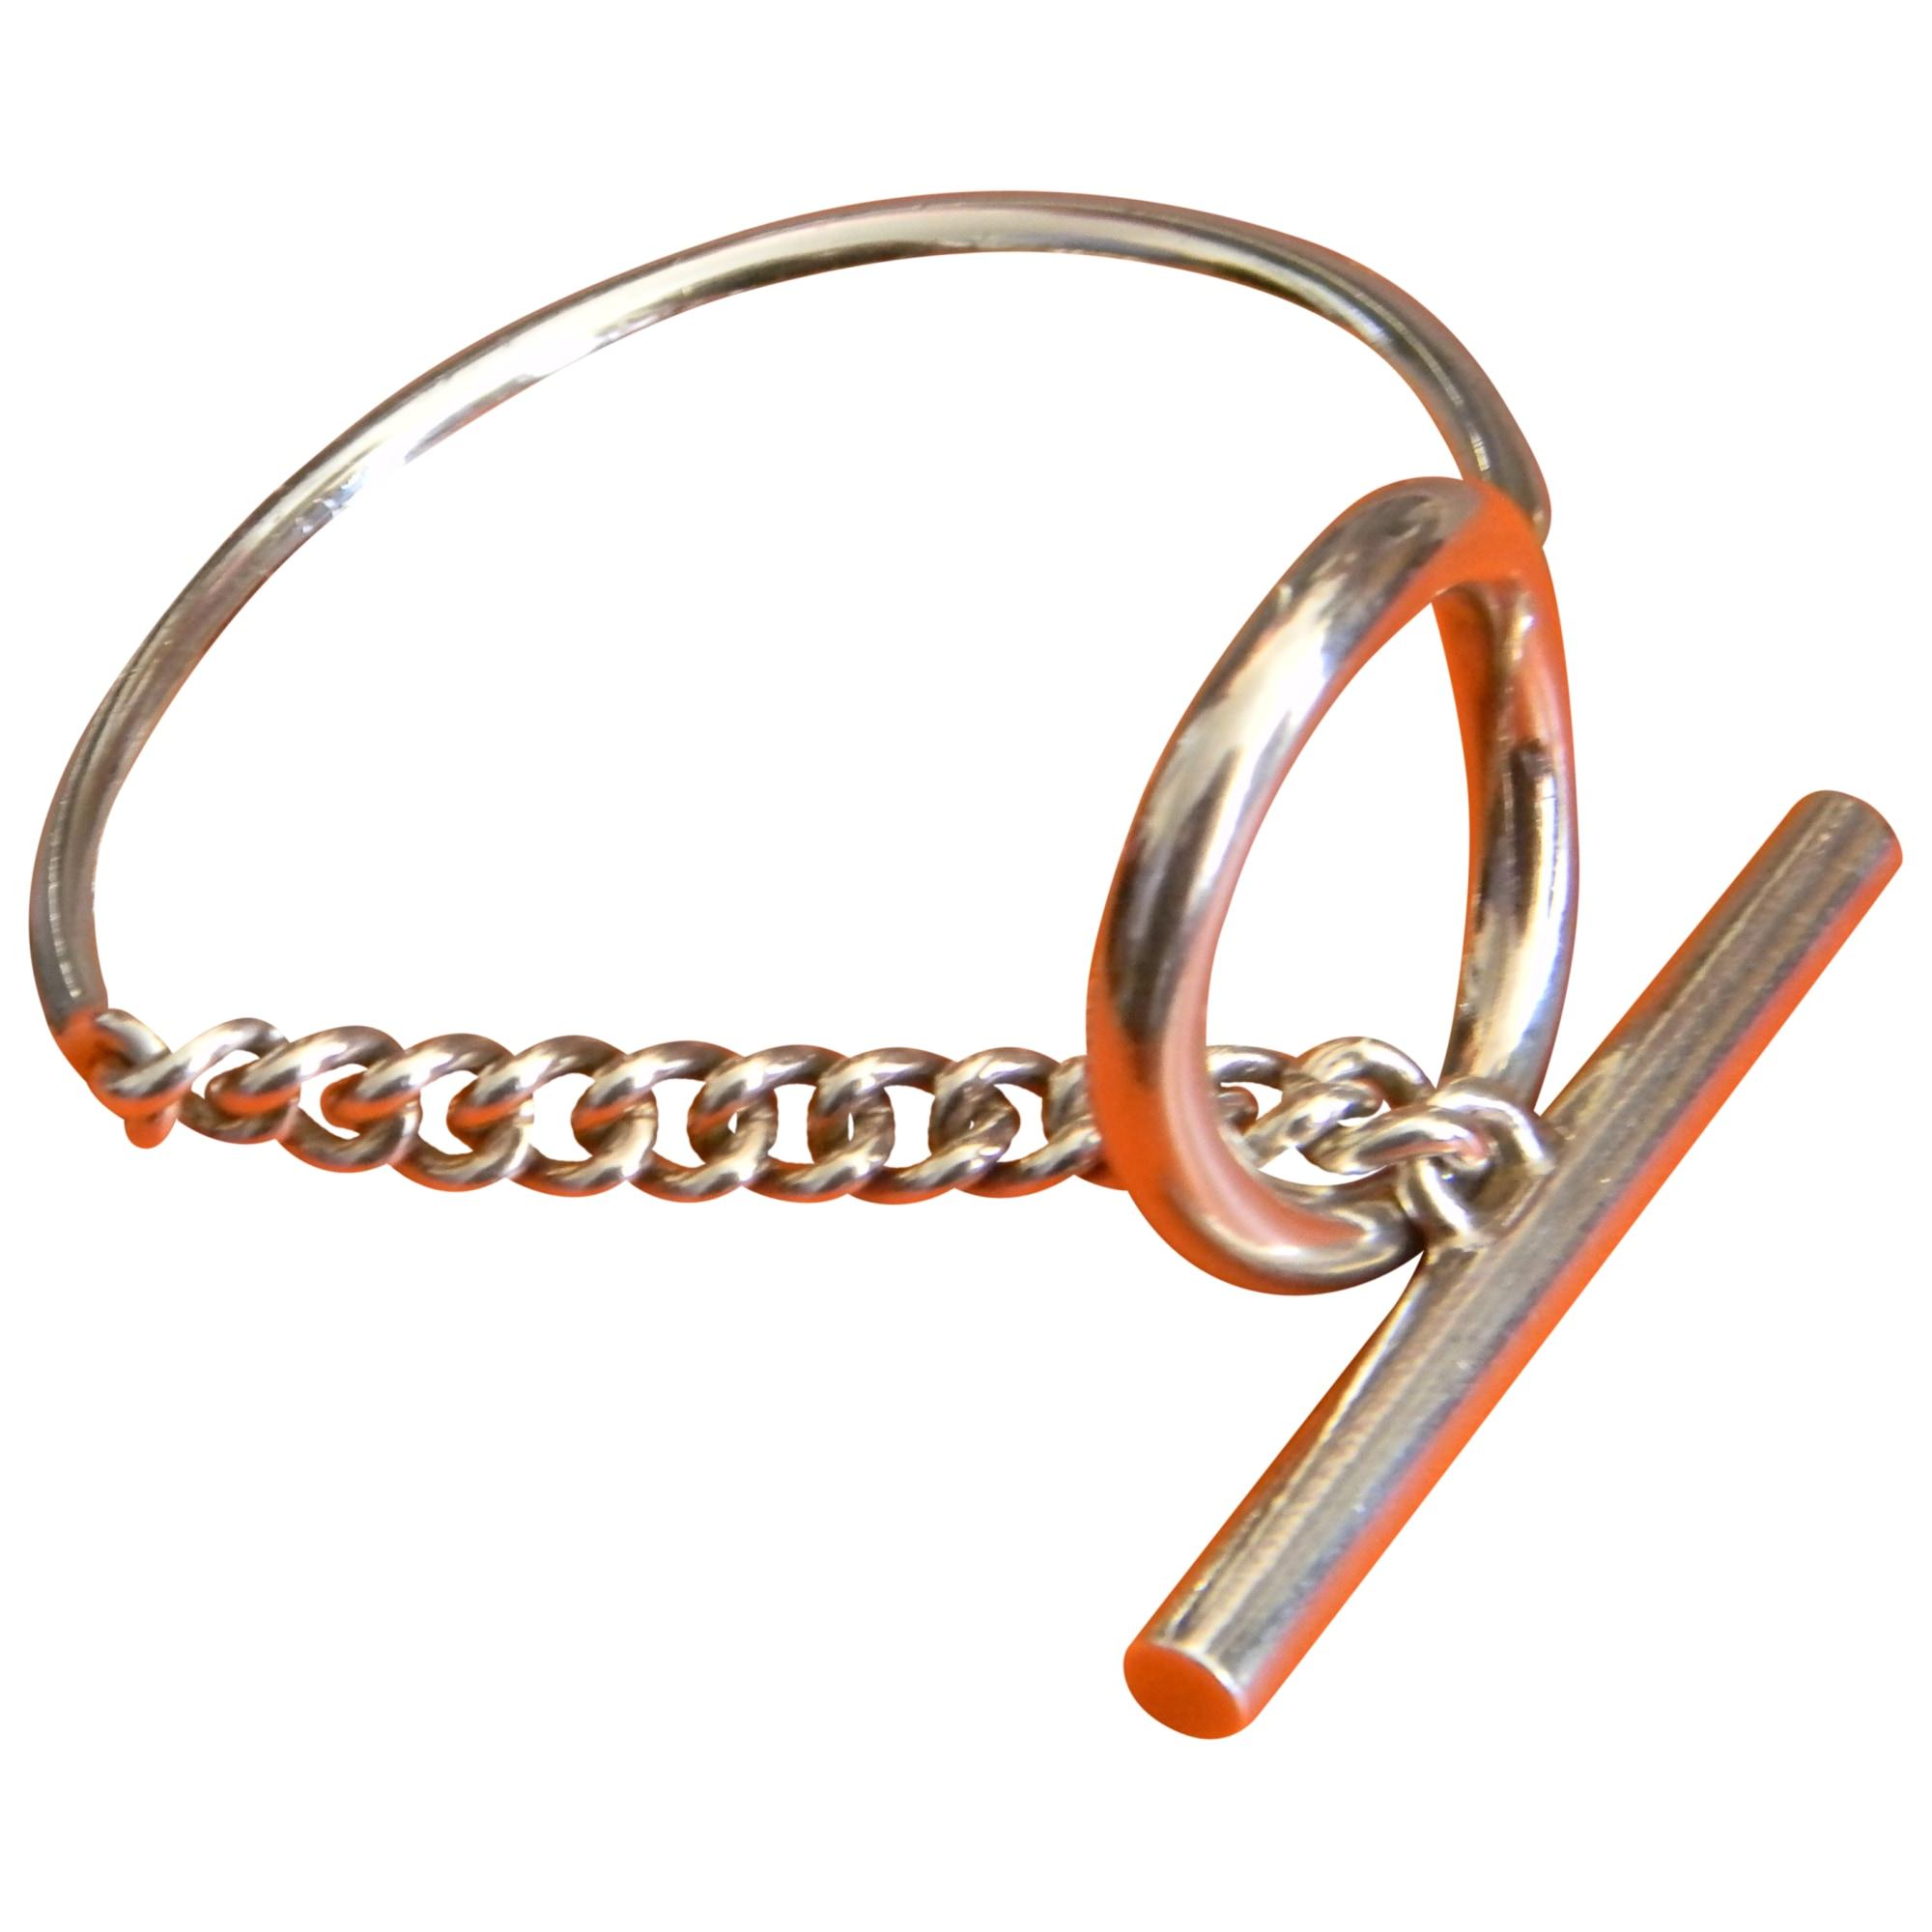 a783e5d1d94 Bracelet HERMÈS croisette argenté vendu par Caroline 882108649 - 3315595